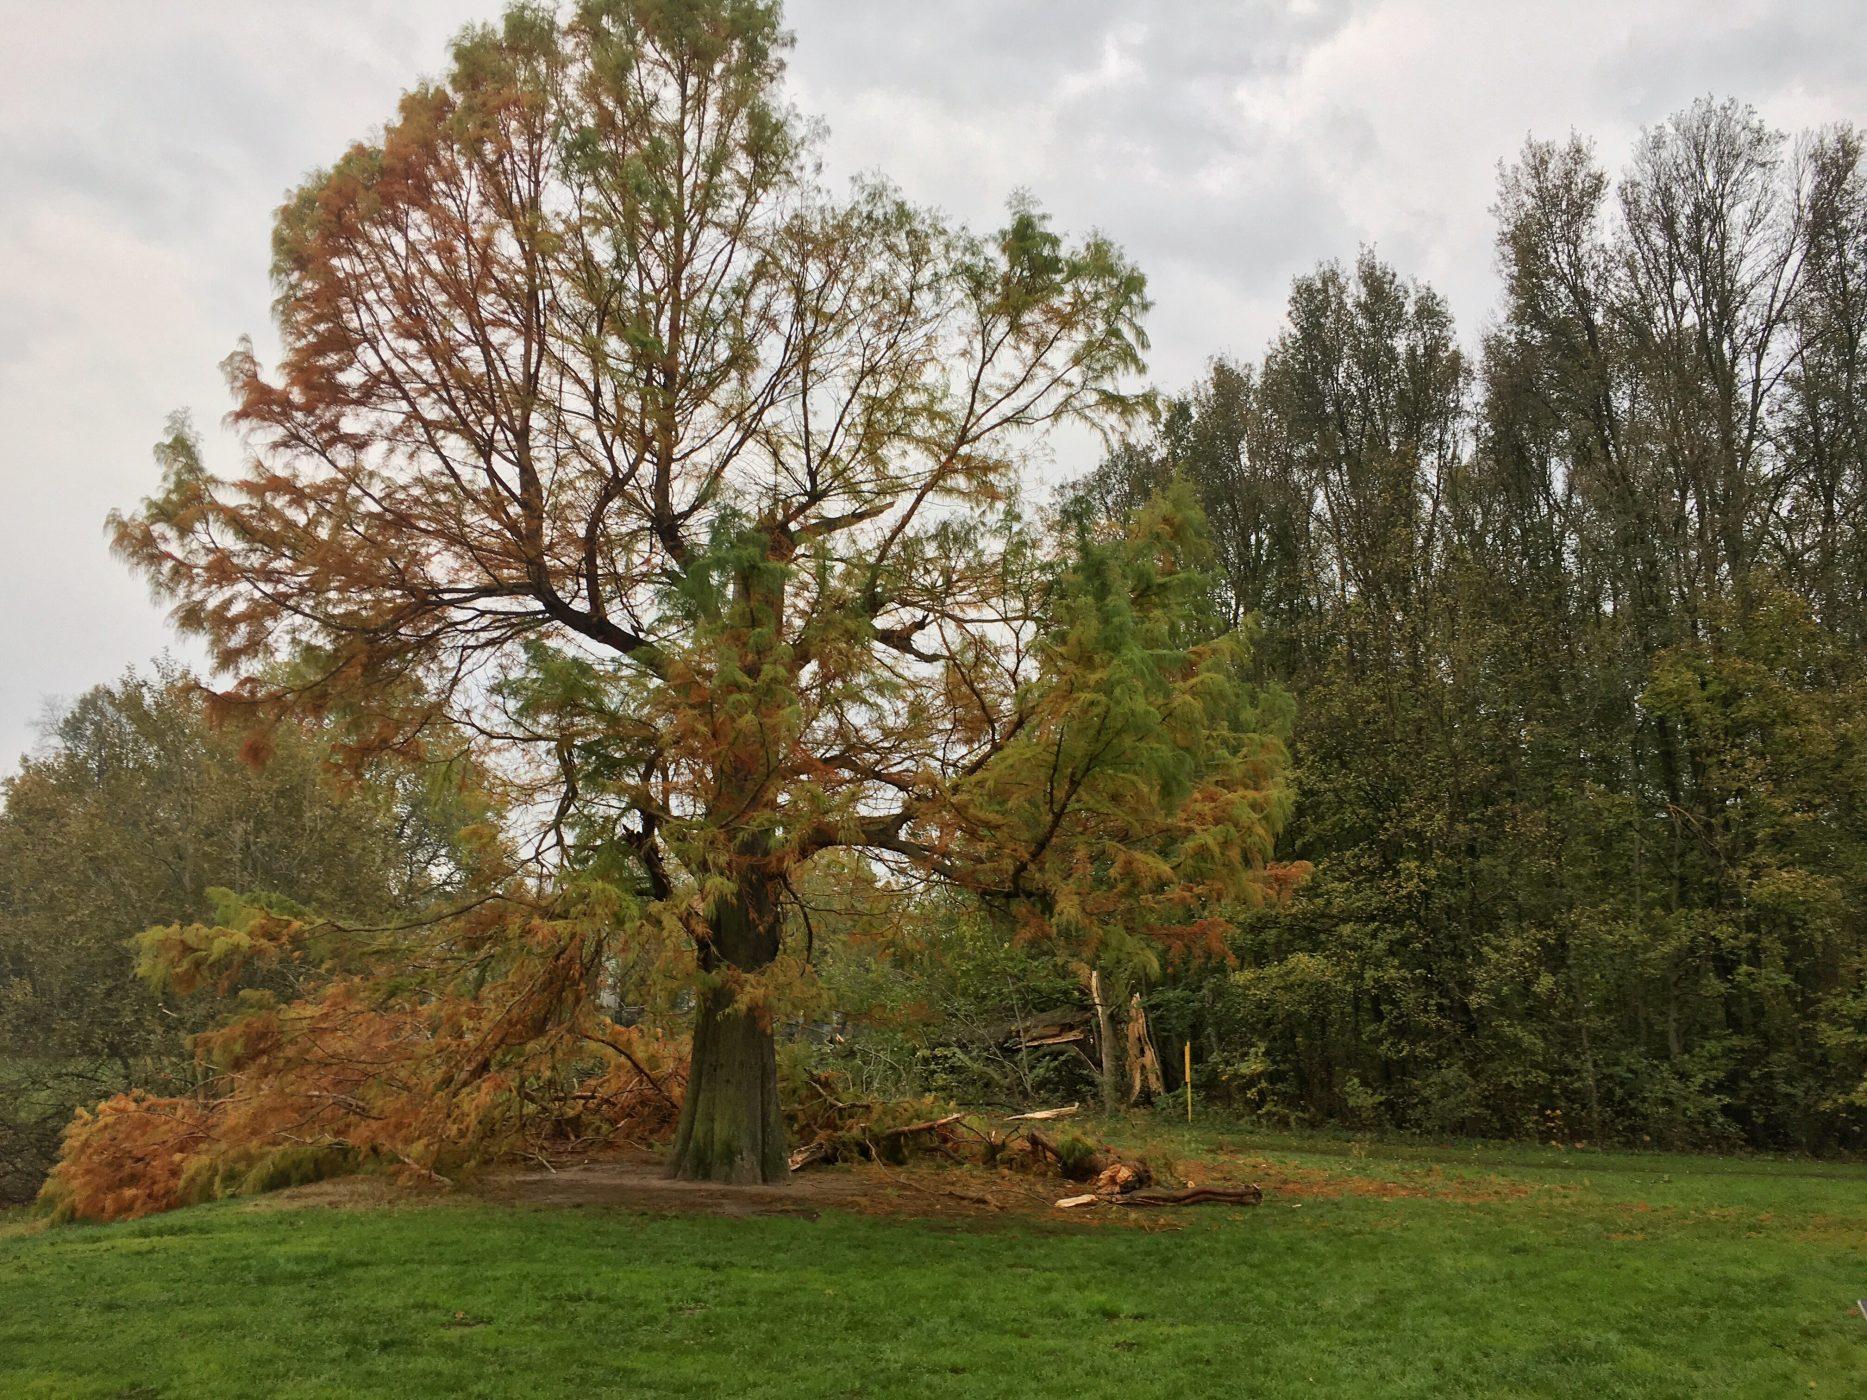 Auch die Sumpfzypresse am Teich wurde teilweise zerstört. Hoffentlich kann sie gerettet werden; Foto: M. Geißler